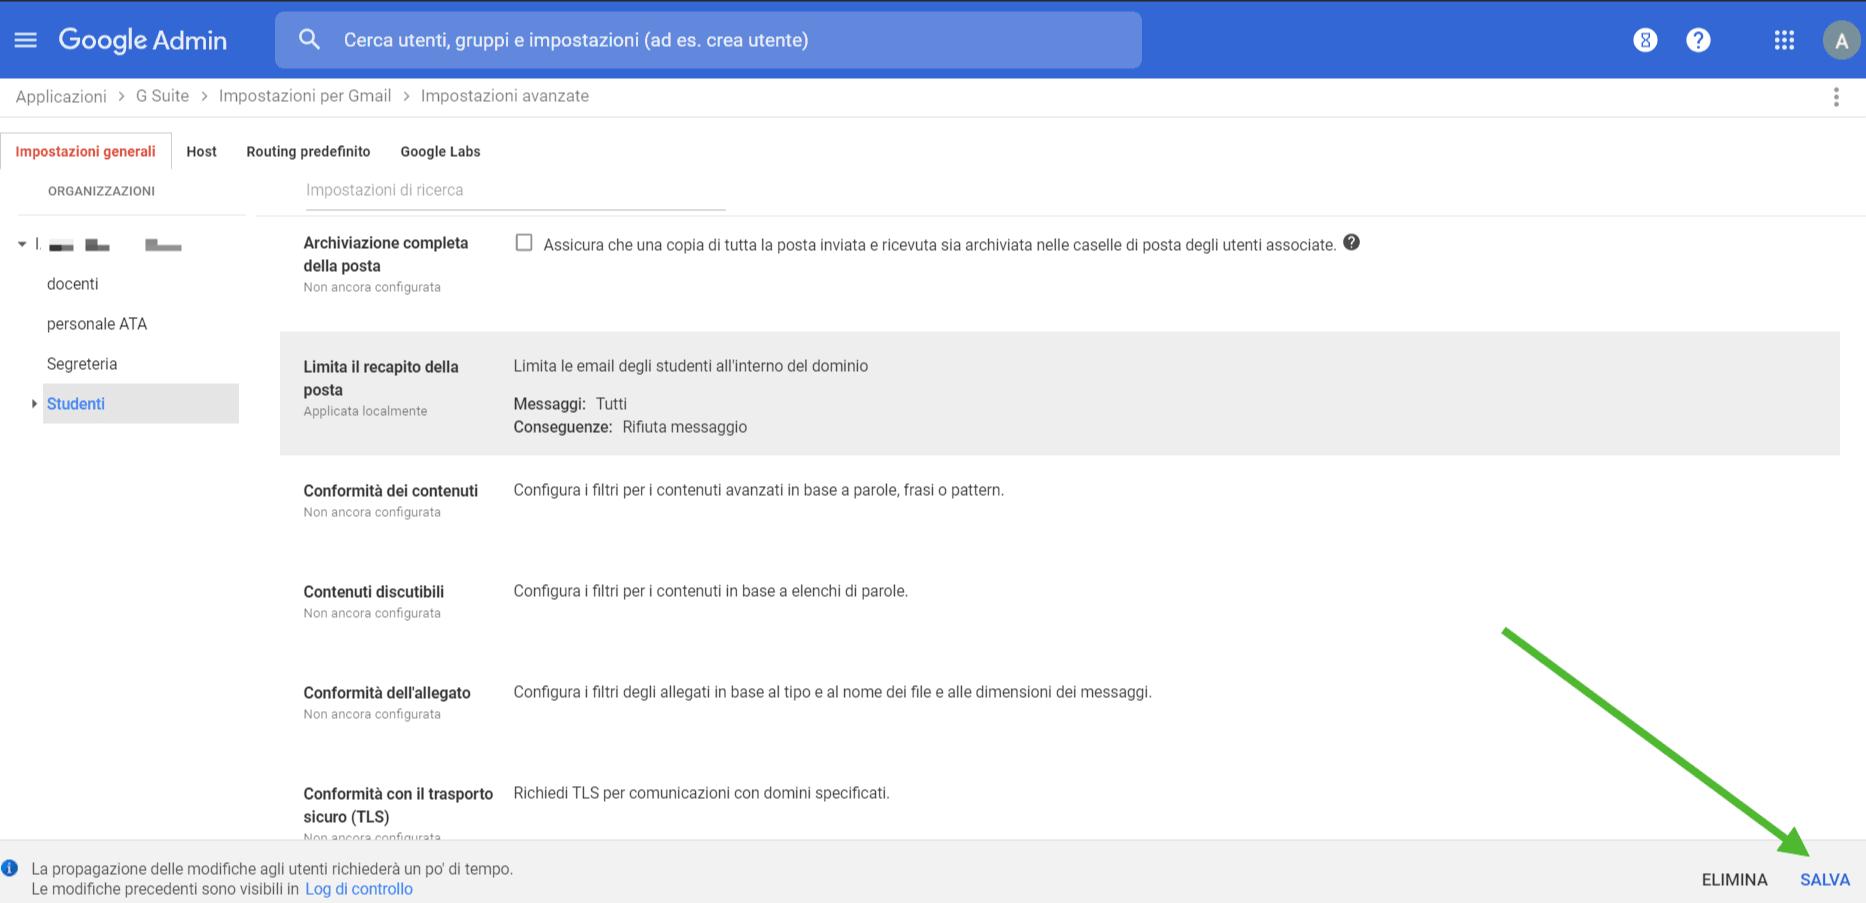 limitare gmail - salva modifiche